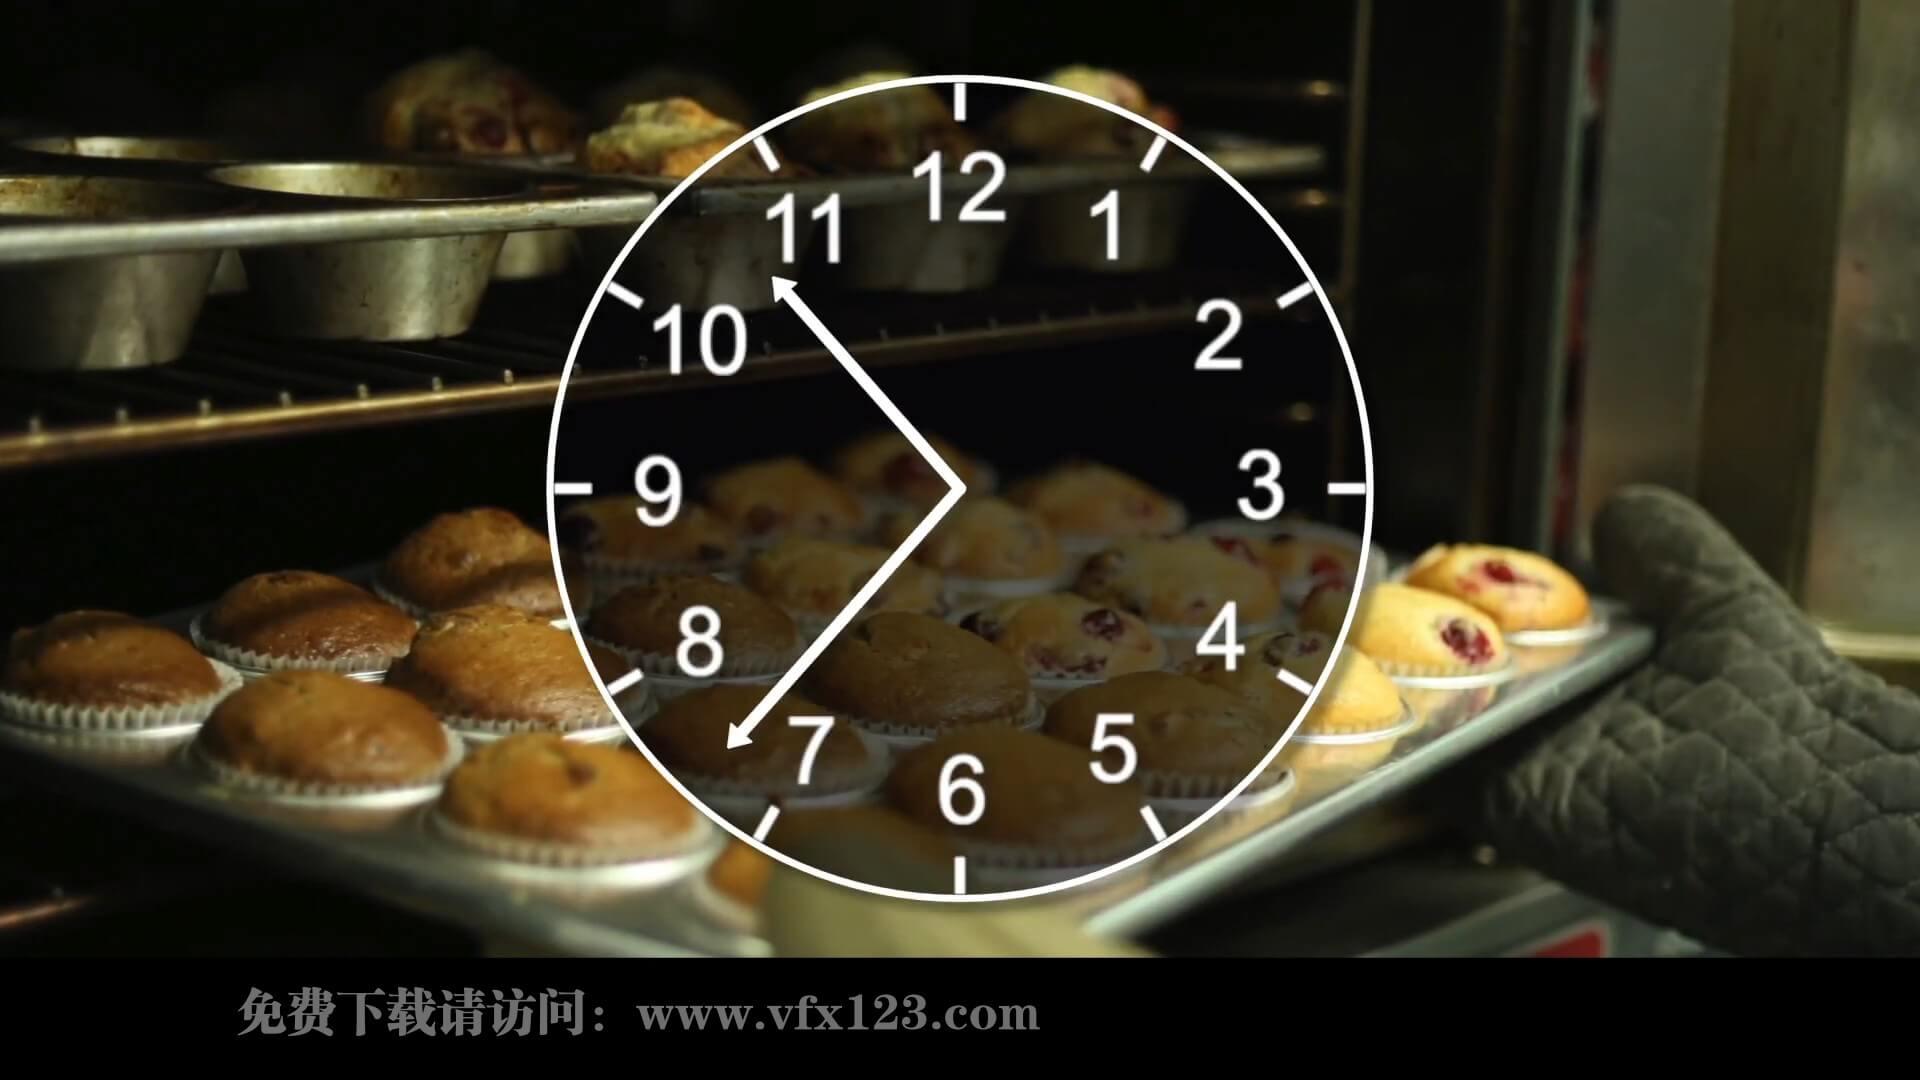 fcpx插件 时钟表盘动画制作工具 表达时间流逝画面快进 Clock Face